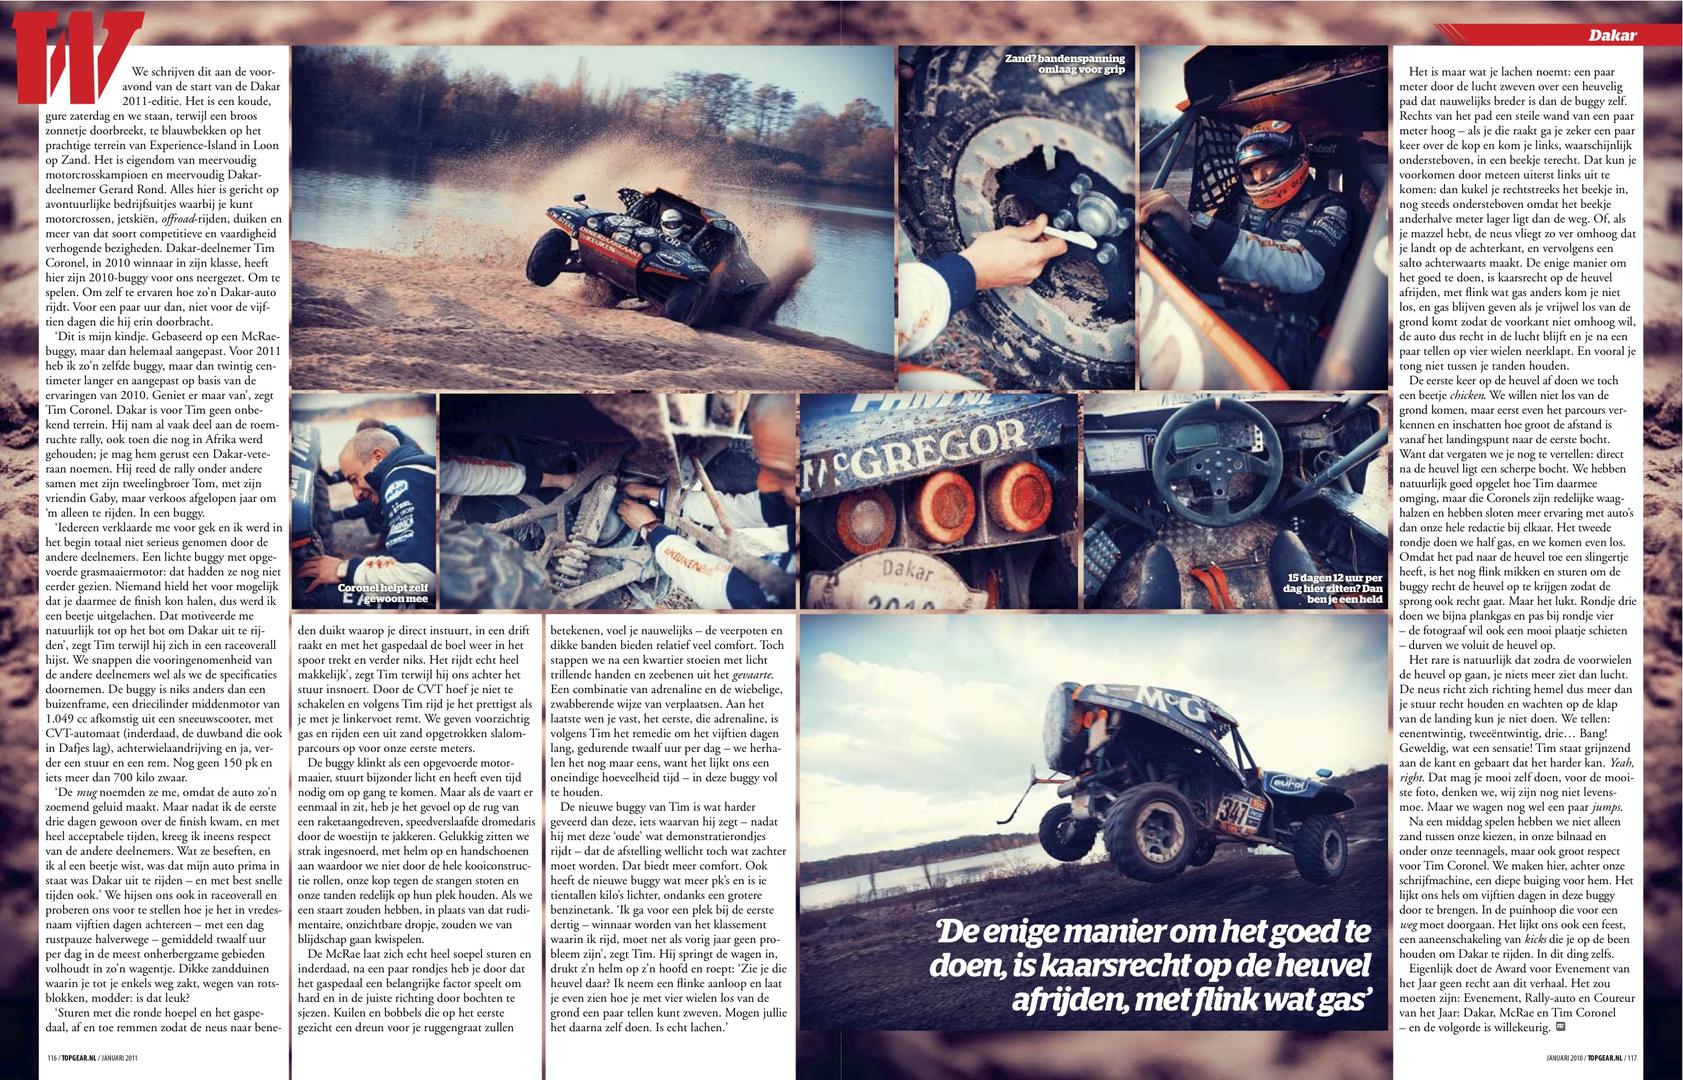 TG67-DM-Dakar 2.jpg